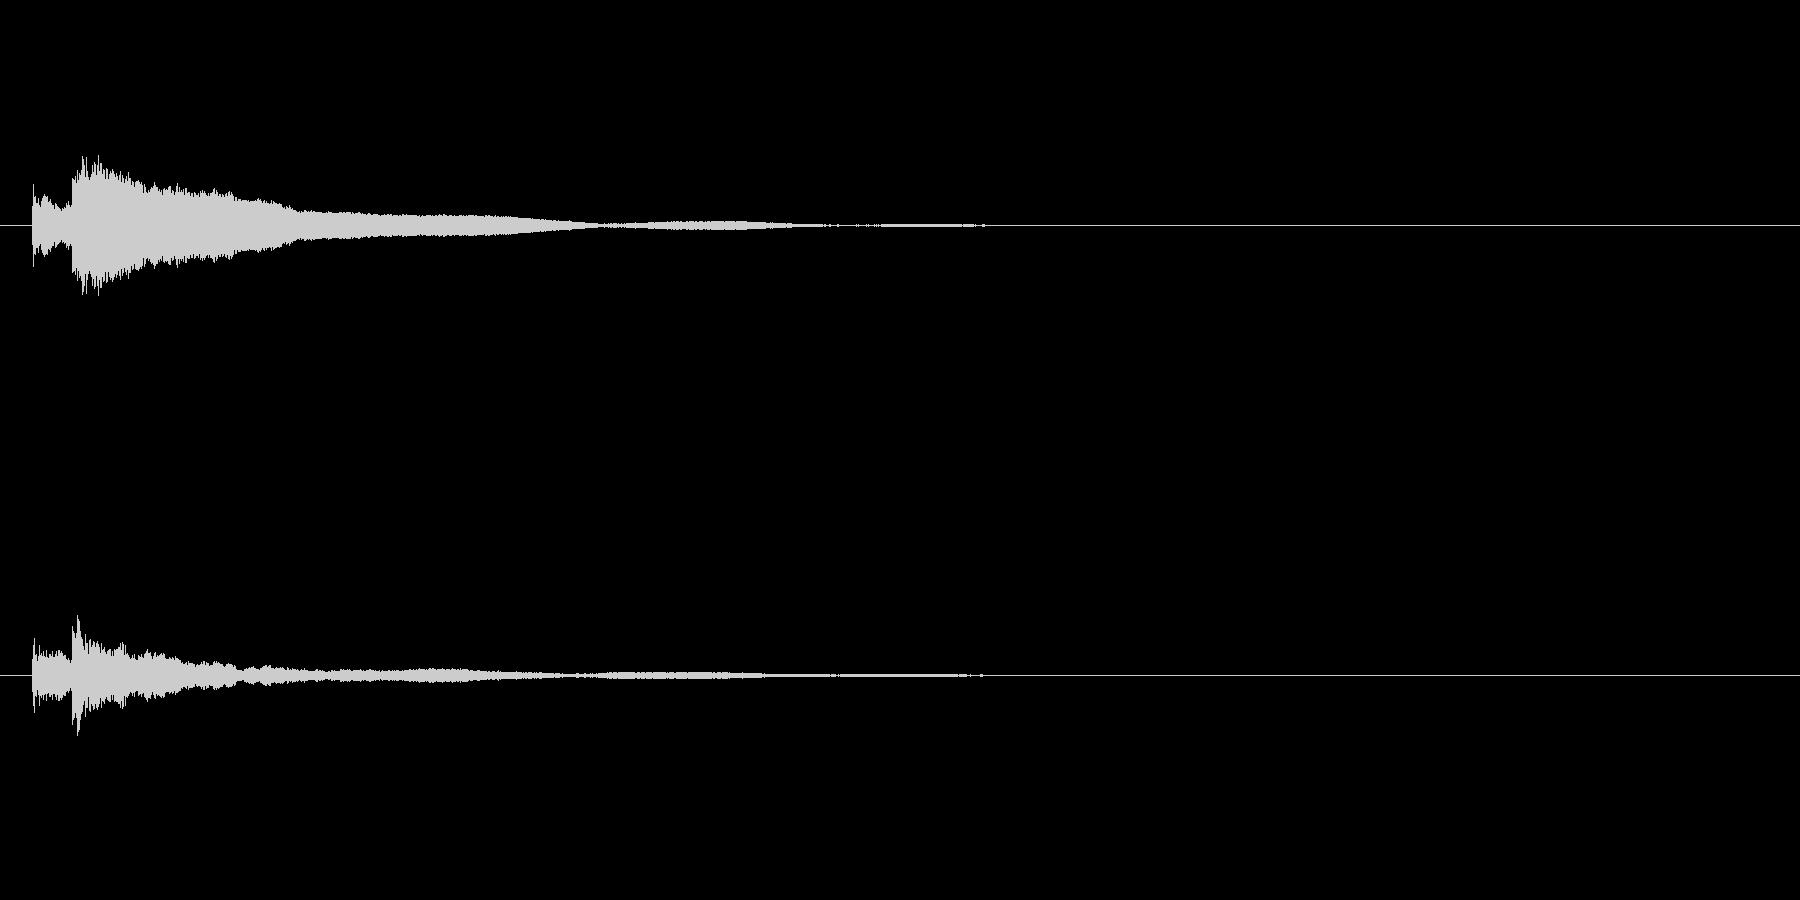 【キラーン】ハンマーダルシマーキラキラ音の未再生の波形